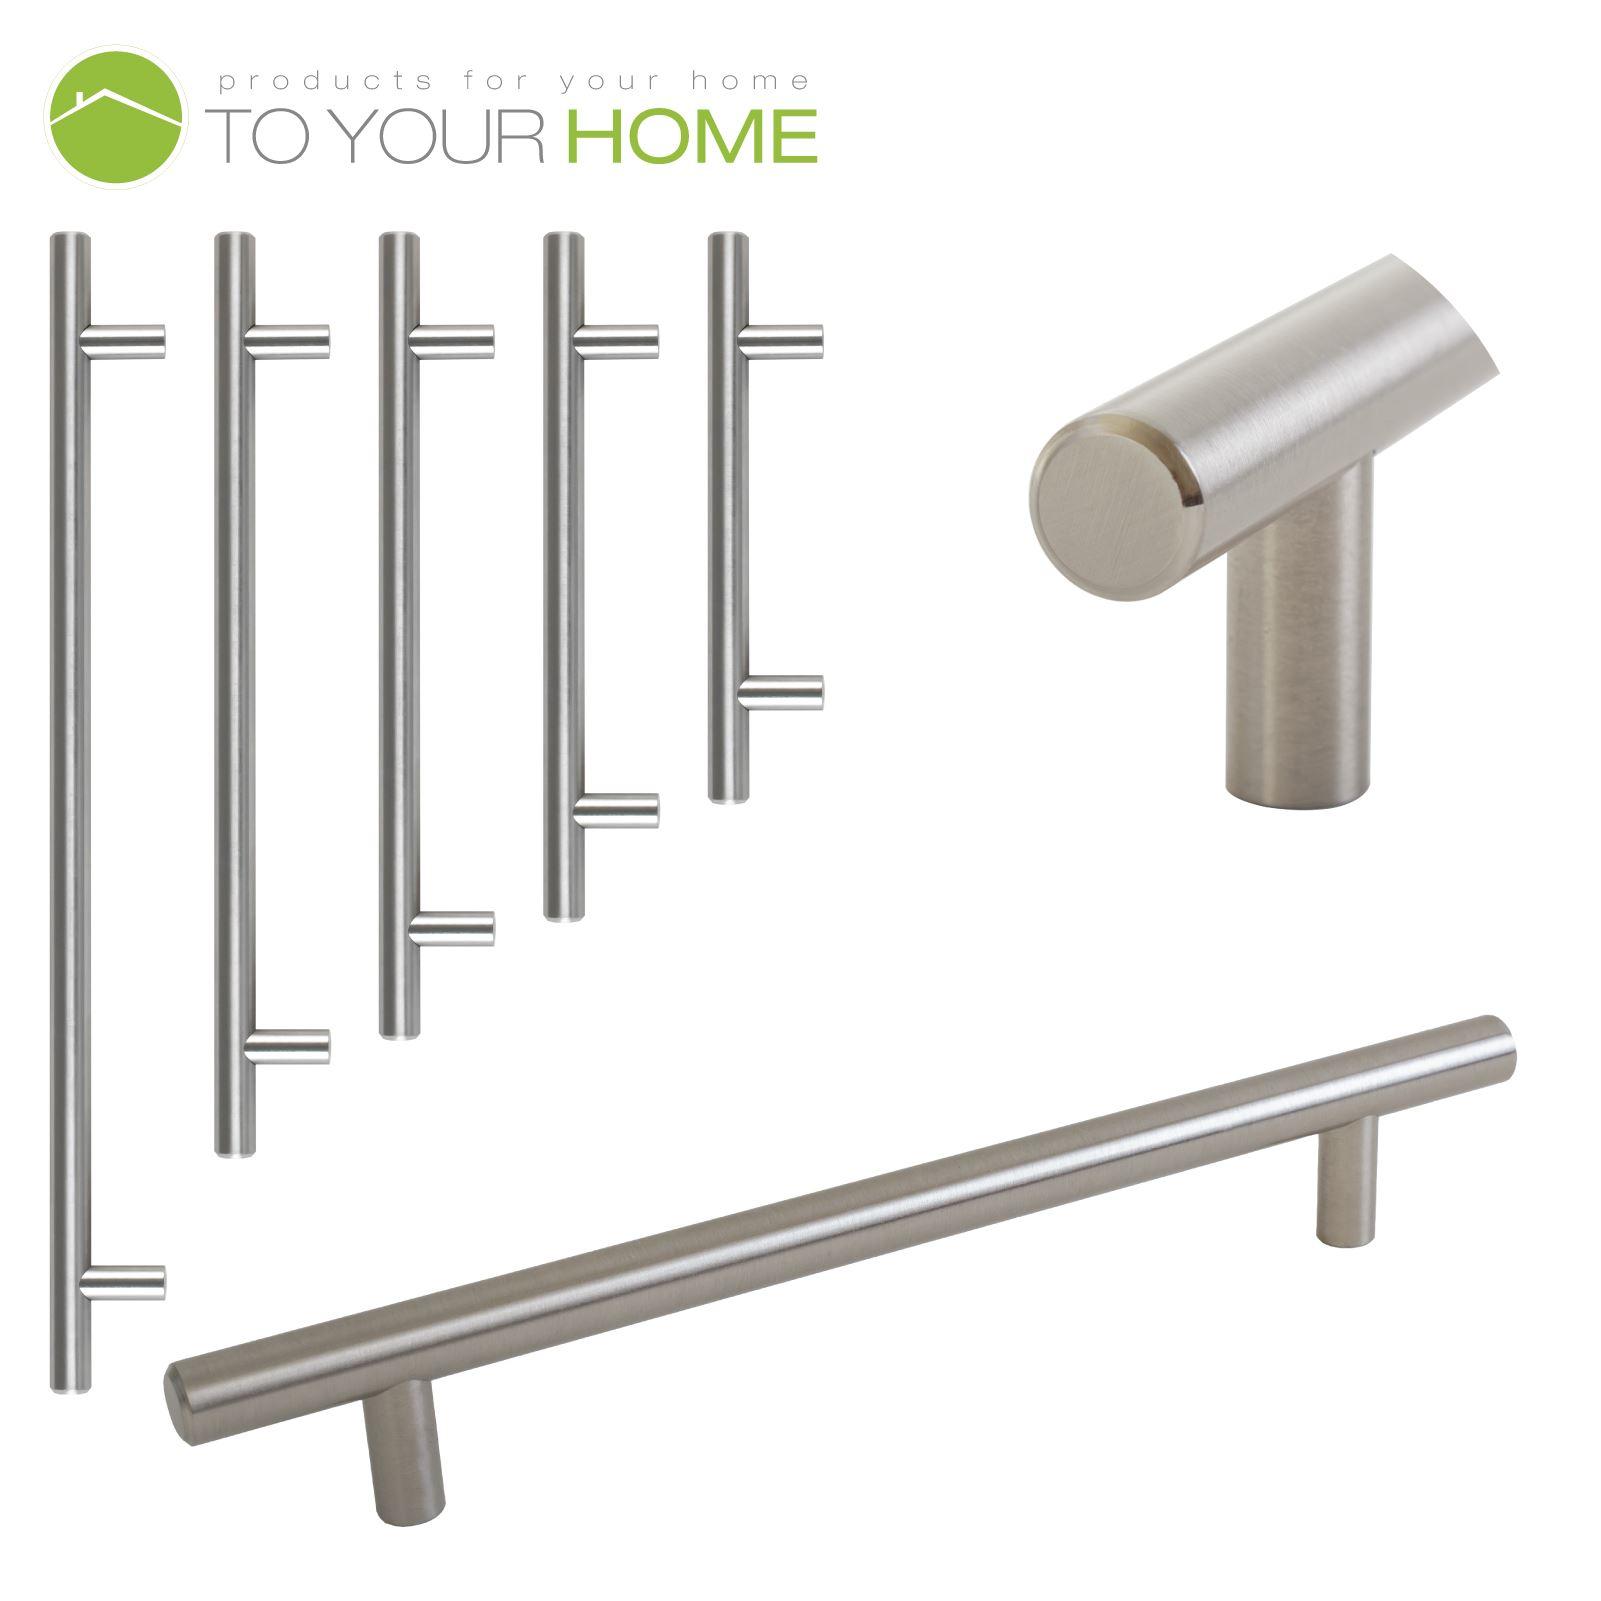 Door Handles For Kitchen Units Installing New Kitchen Handles And Knobs On Doors Ebay